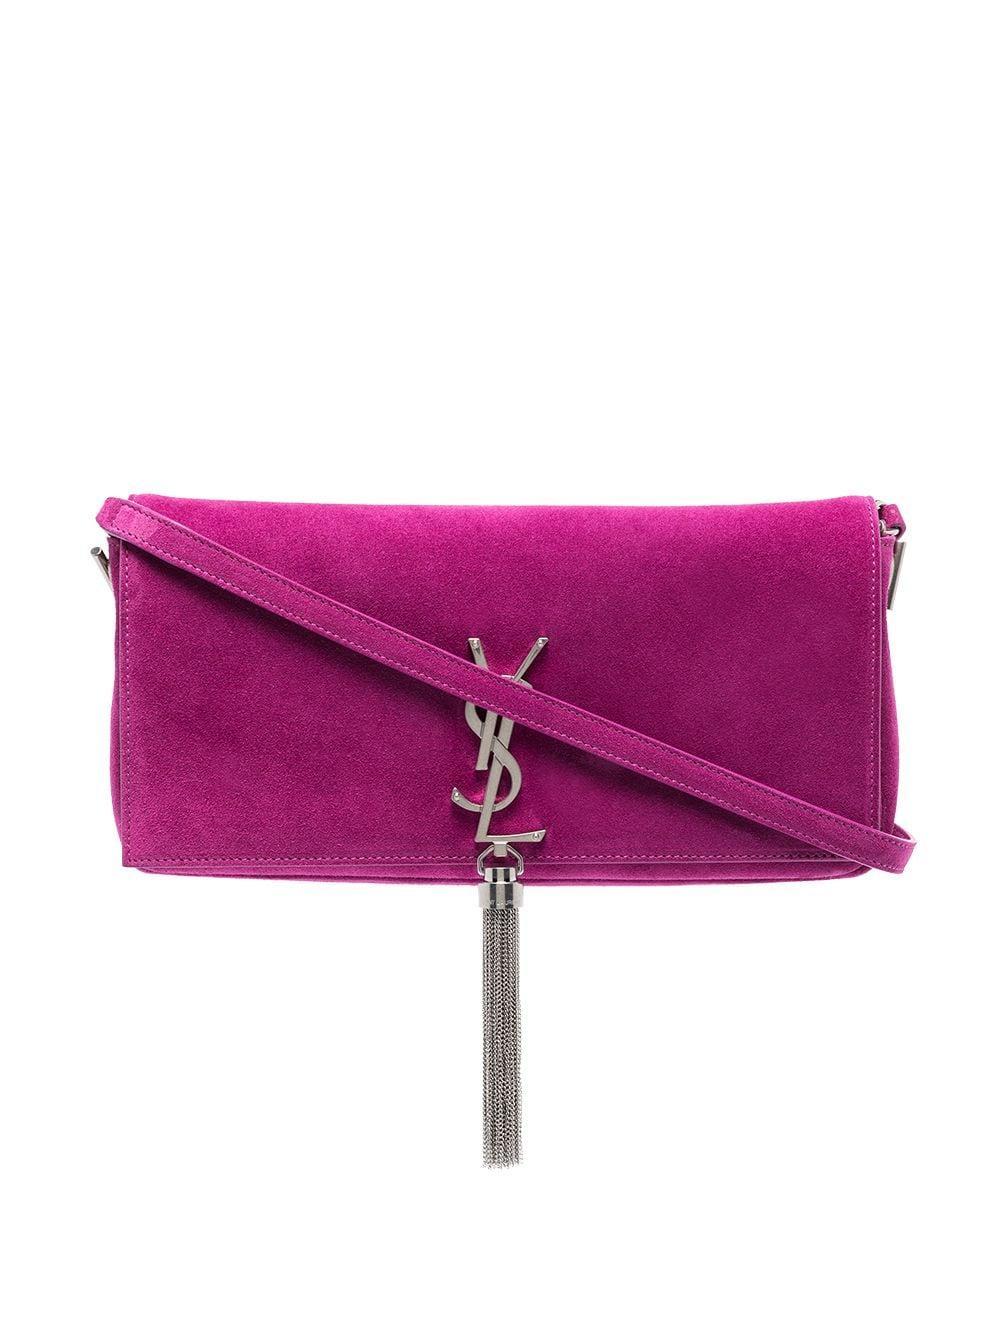 Kate Suede Shoulder Bag With Tassel Item # 6042760UD7E